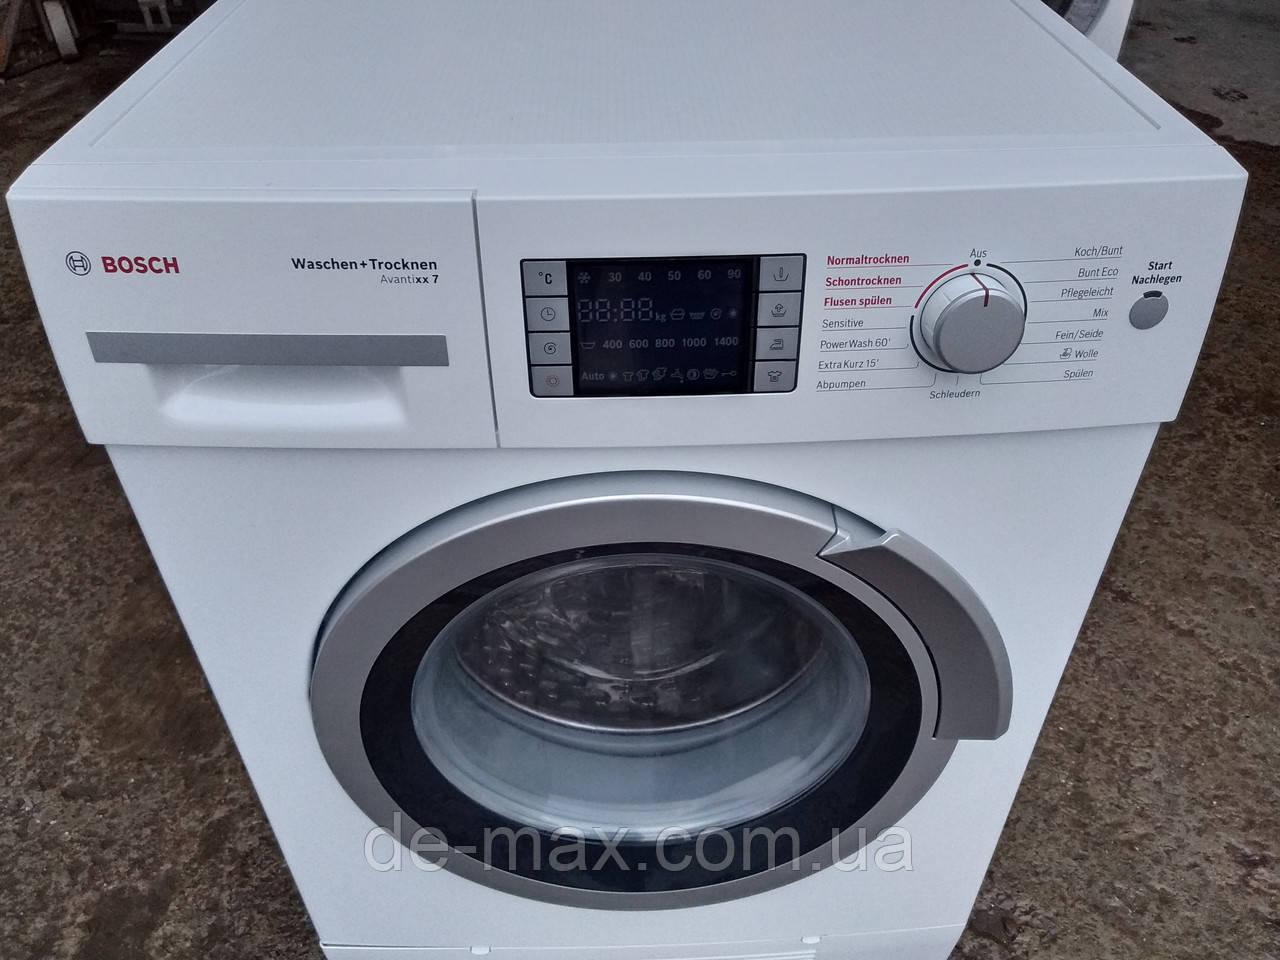 Стирально-сушильная машина Bosch WVH28440 Avantixx 7 А++ 8 5кг - de 6fbc779dbe539